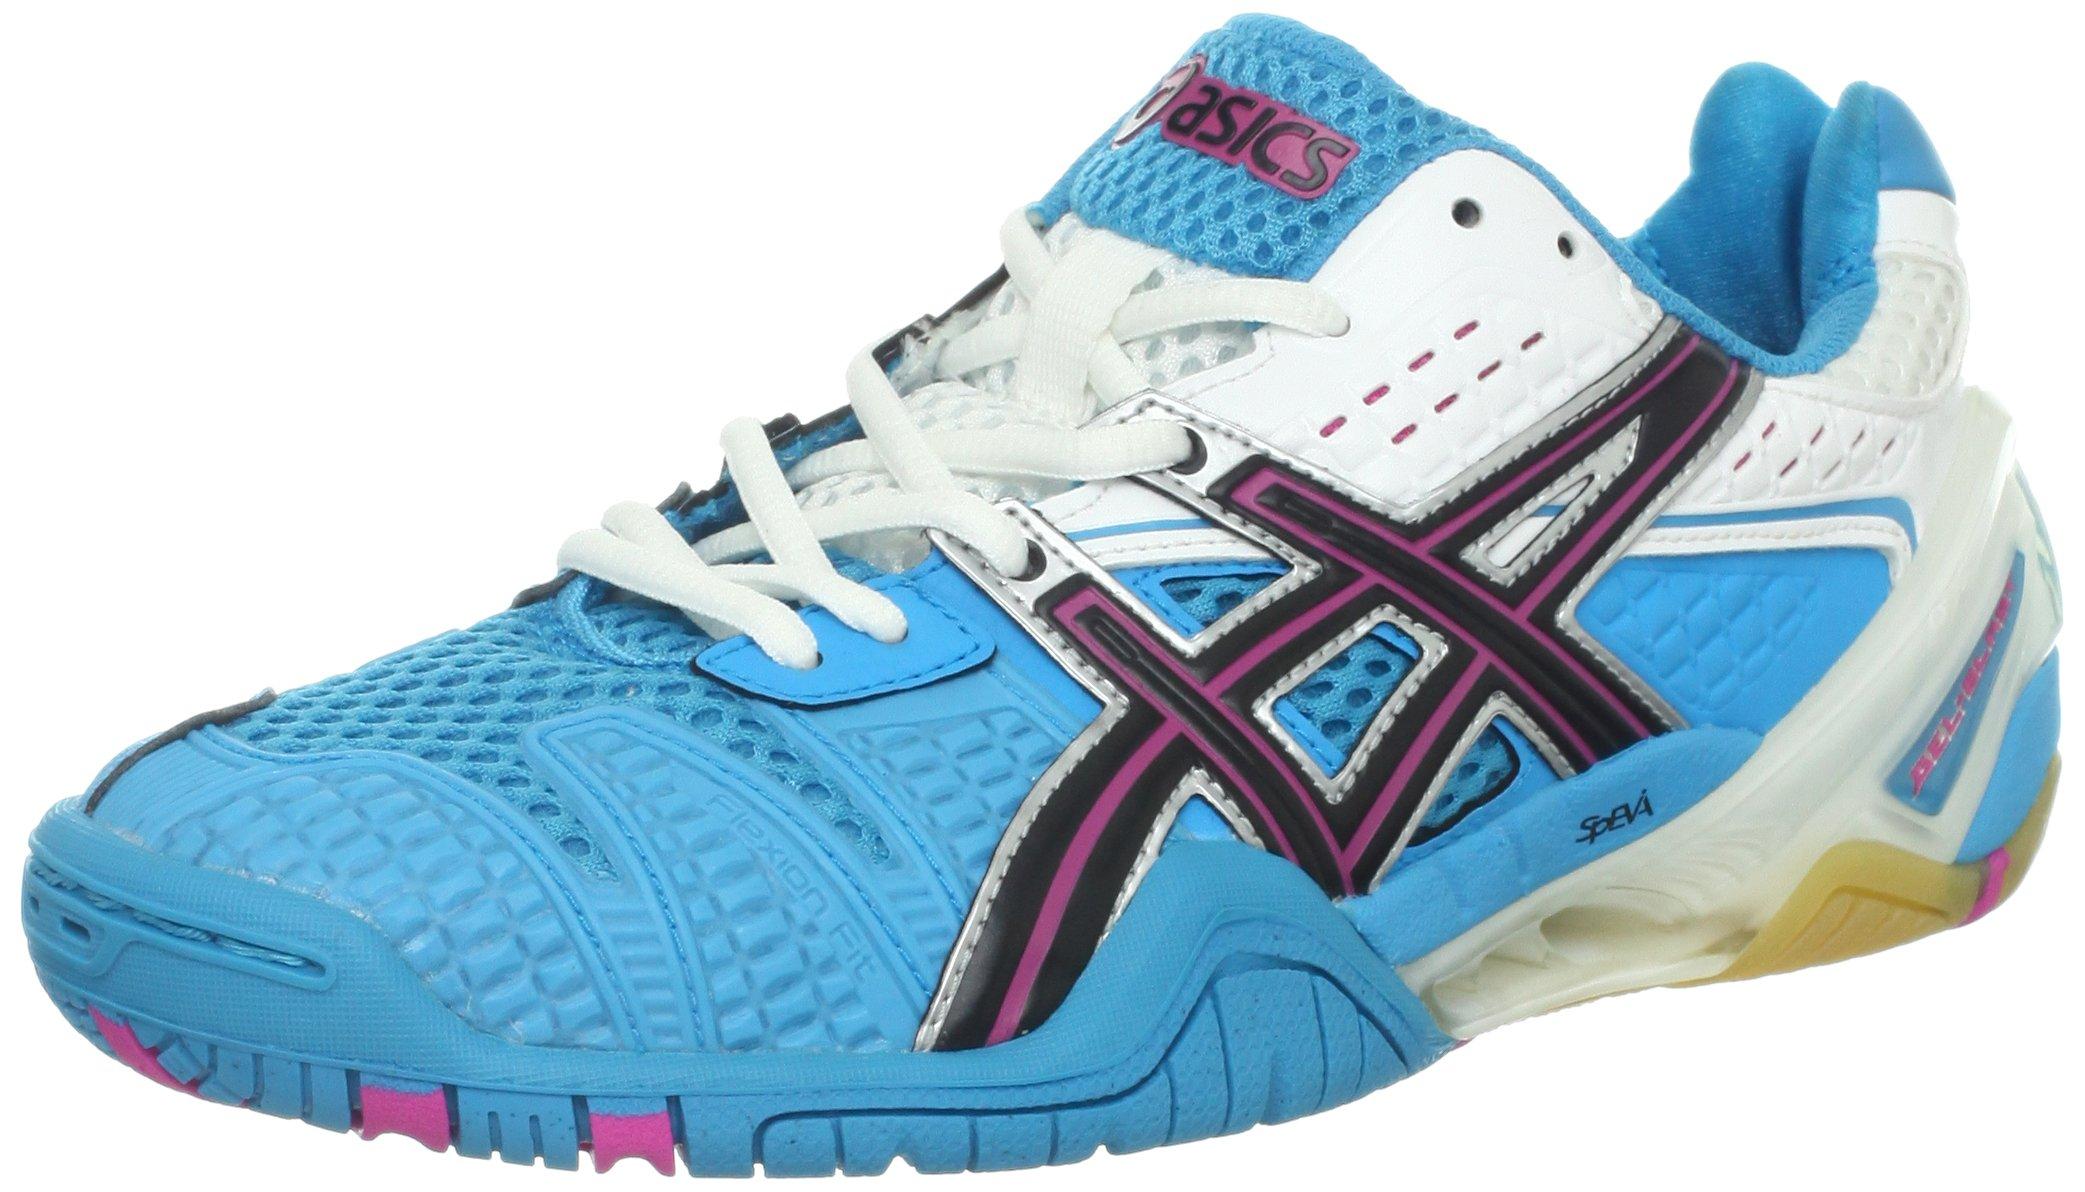 ASICS Women's GEL-Blast 5 Shoe,Ocean Blue/Black/White,8 M US